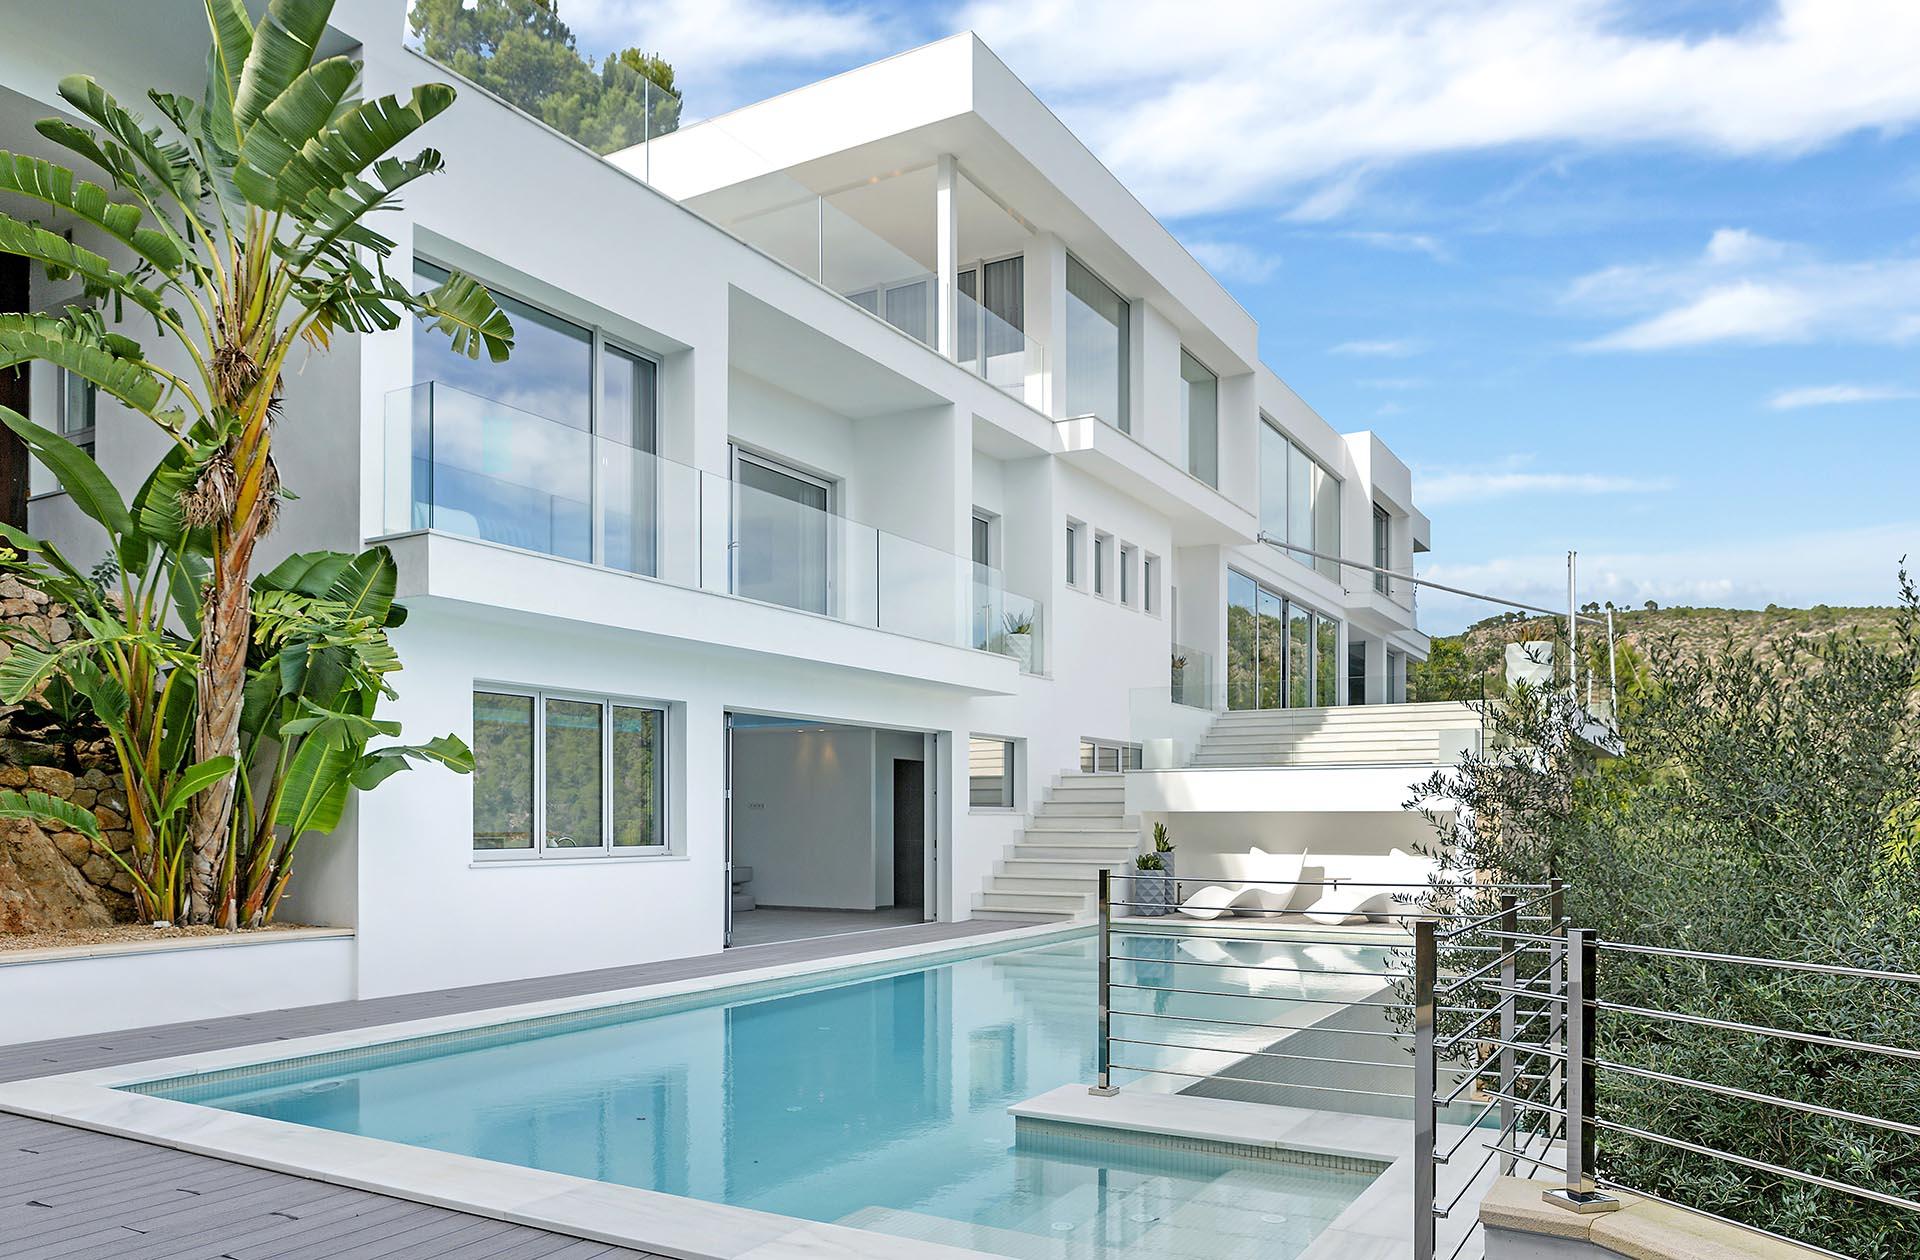 Traumhafte moderne Villa in Costa den Blanes - Außenfassade mit Pool